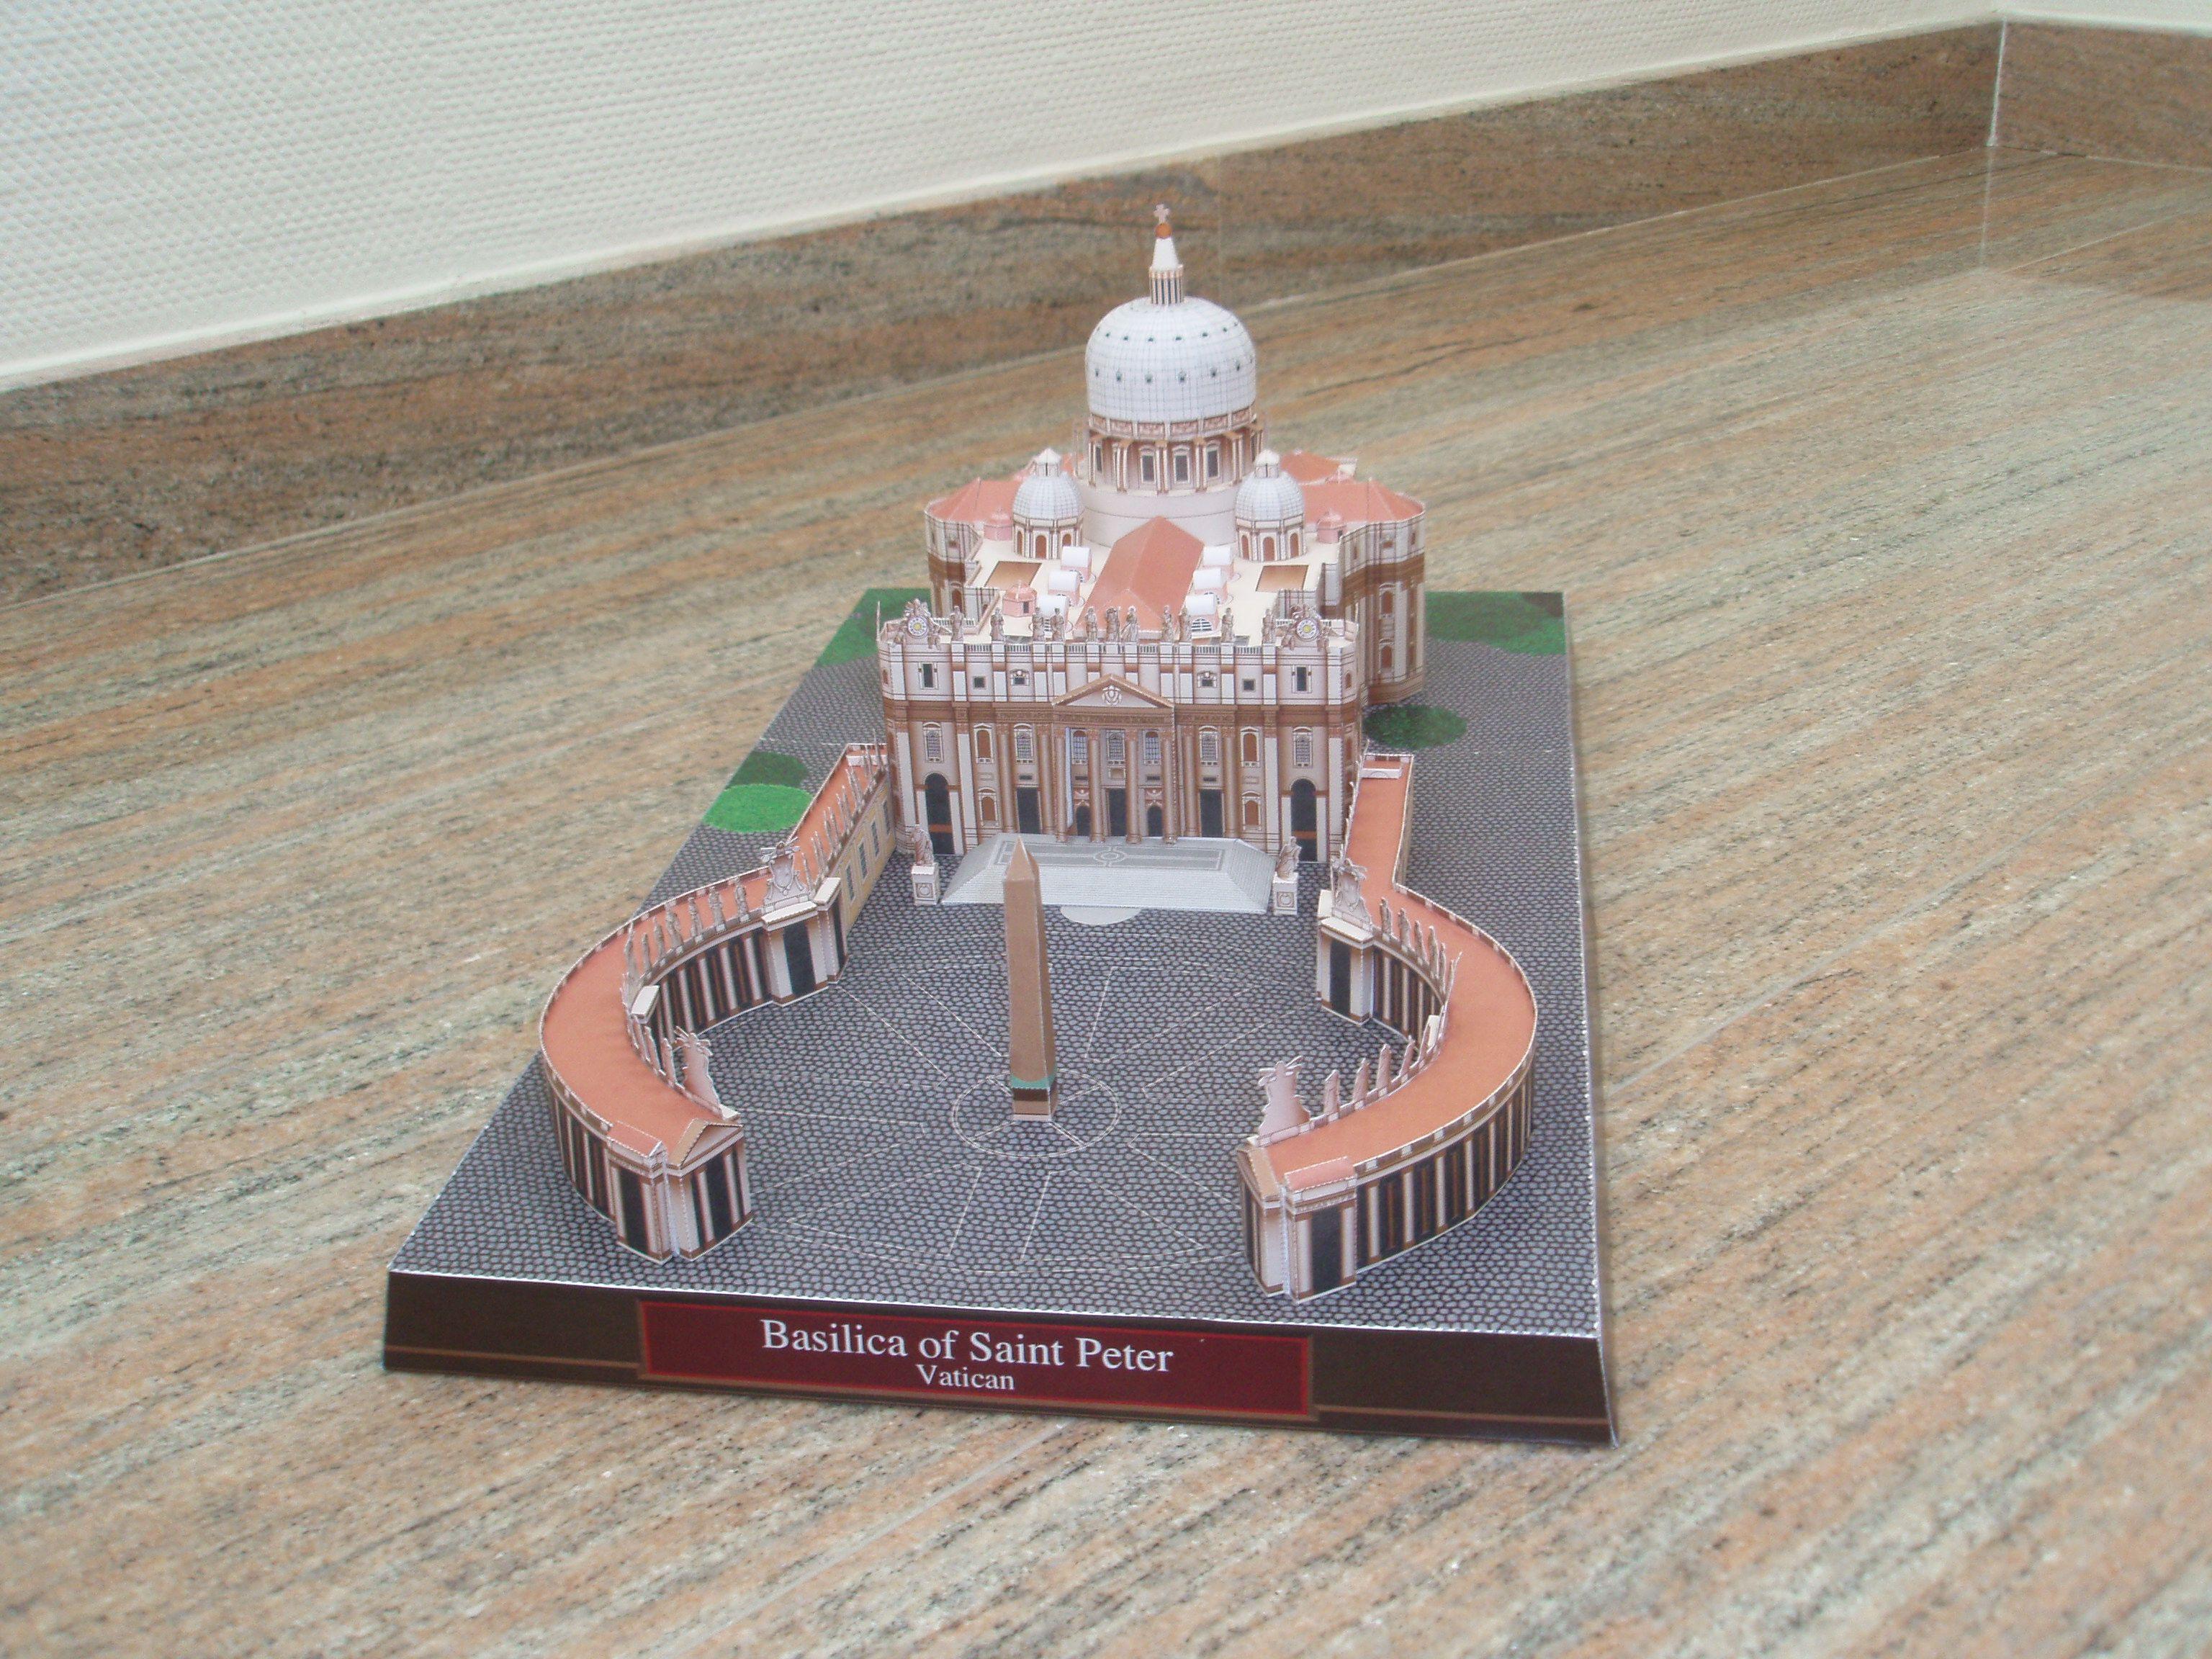 Papercraft Building Basilica De San Pedro 2 Jpg 3072 2304 Edificios Famosos Maqueta Arquitectura Basilica De San Pedro